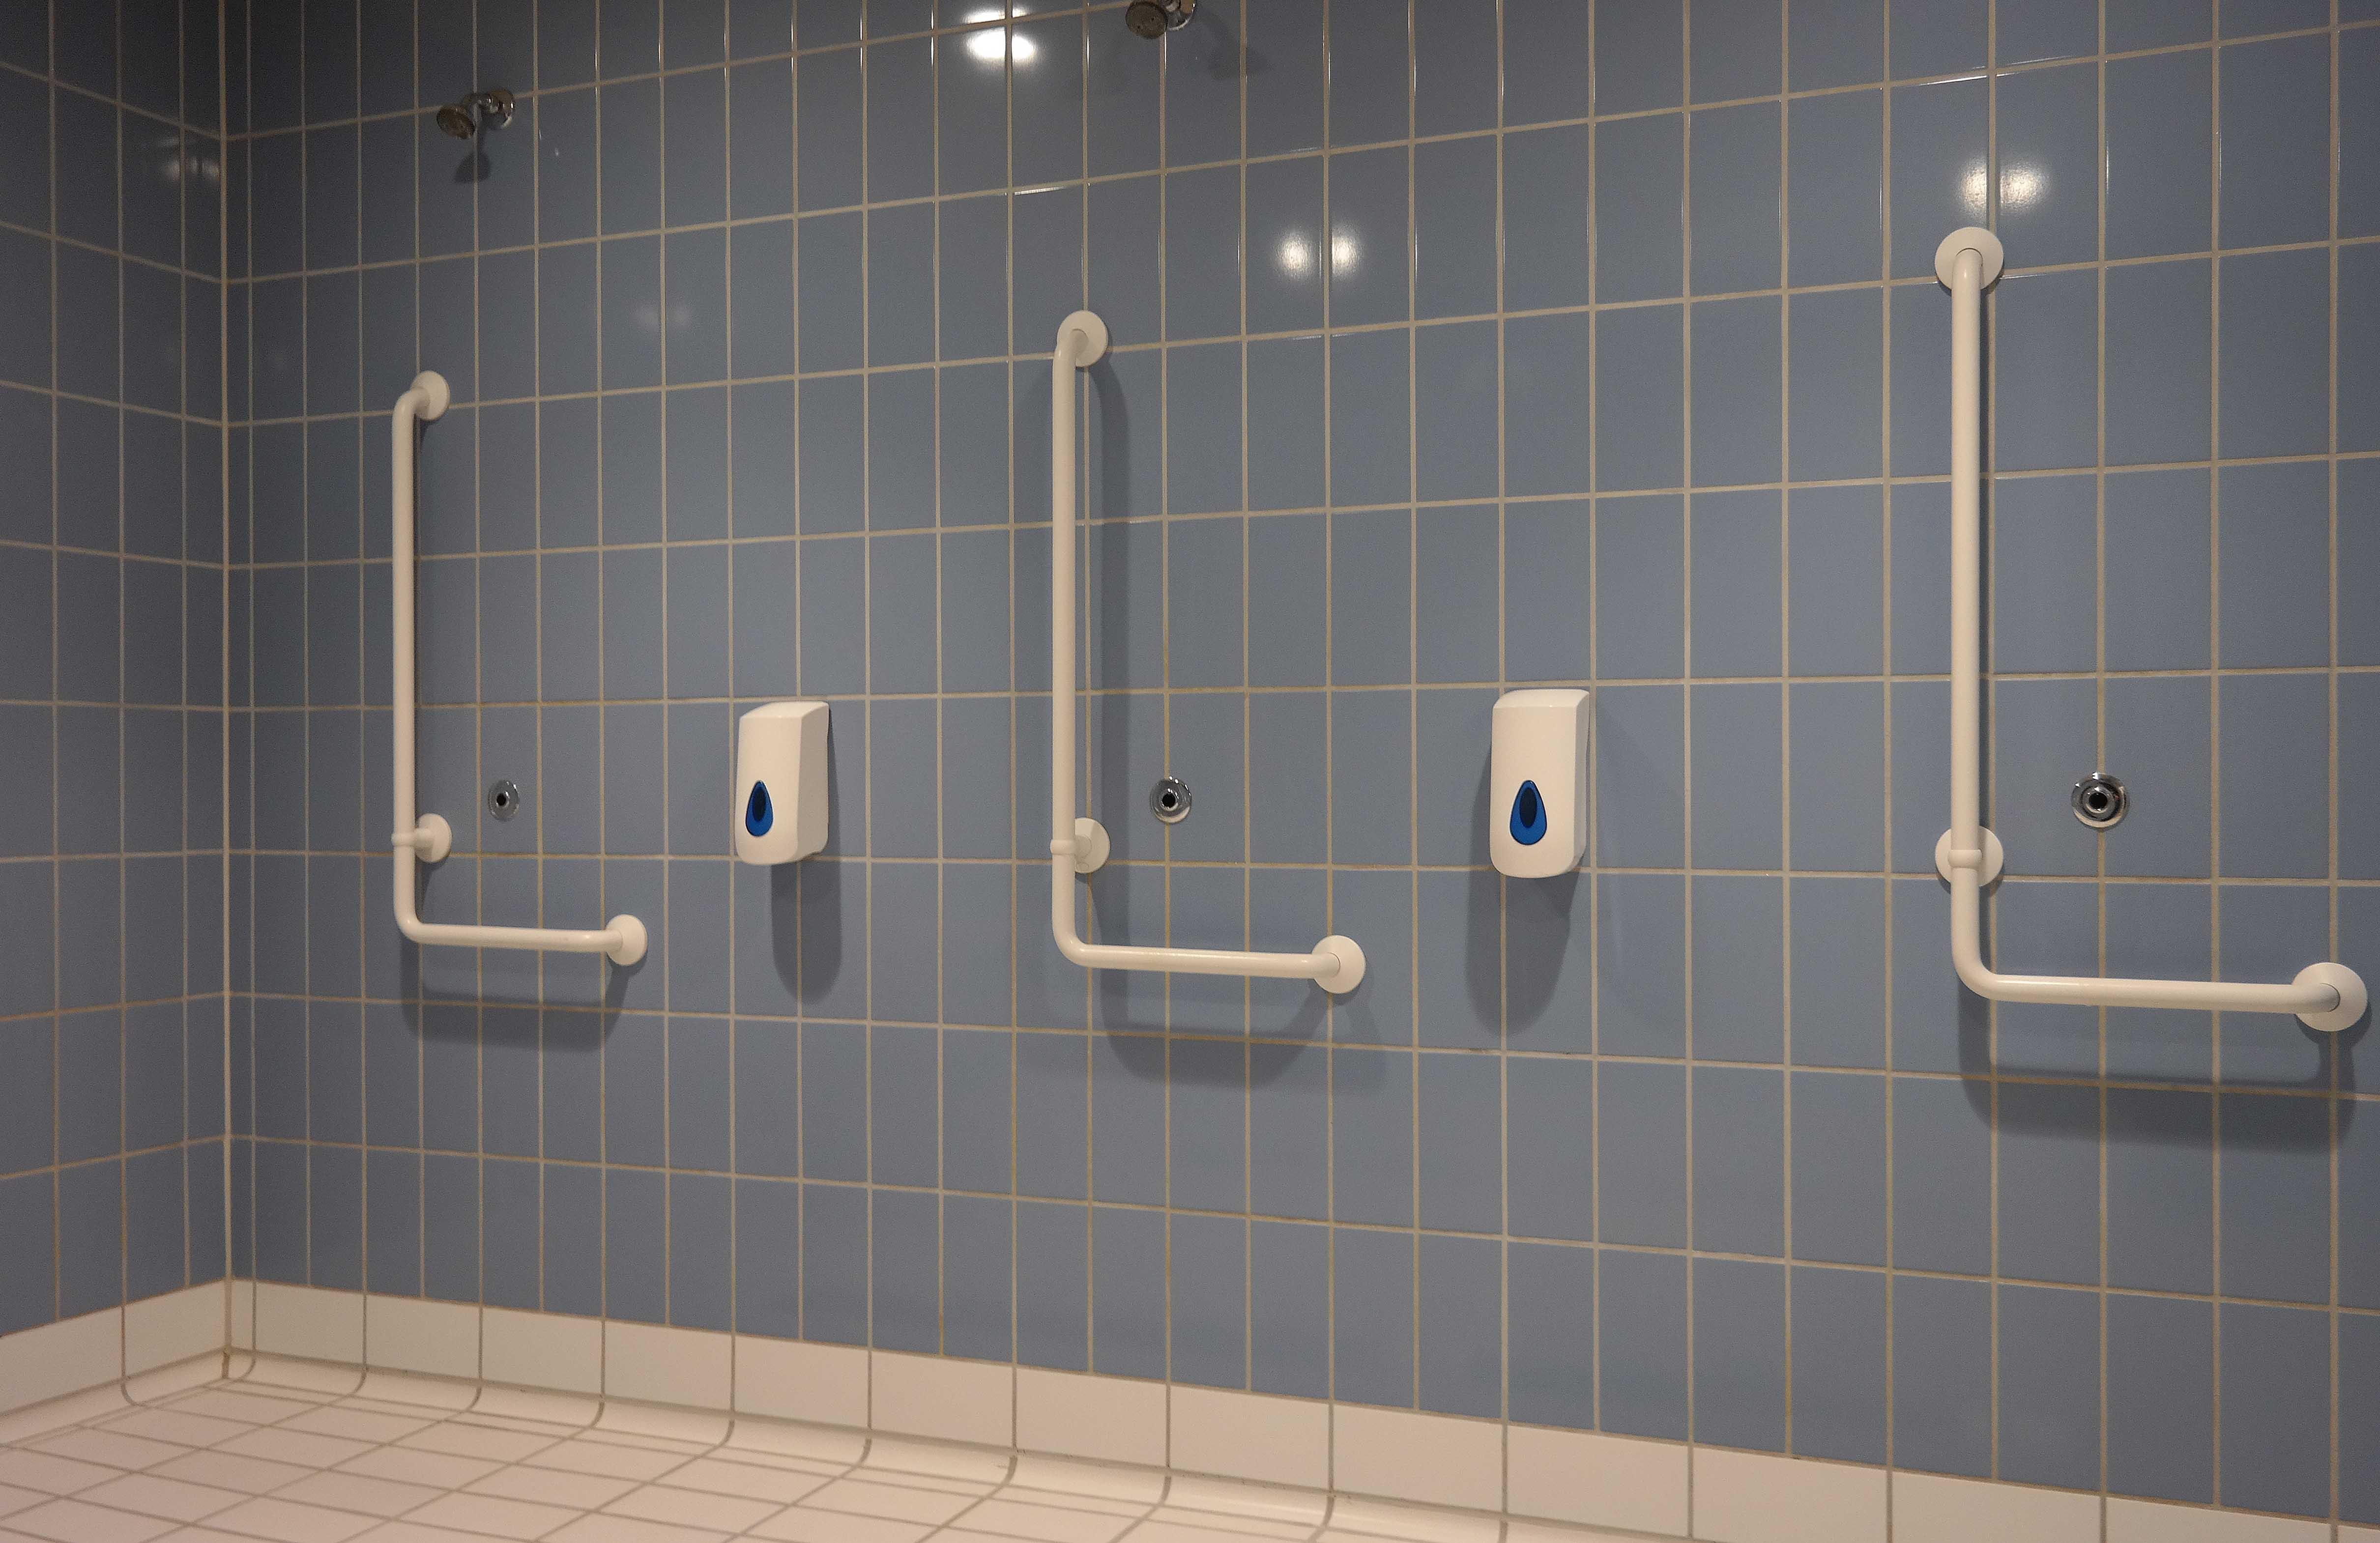 I brusebadet er der håndtag i forskellig højde, så flere nemt kan få støtte